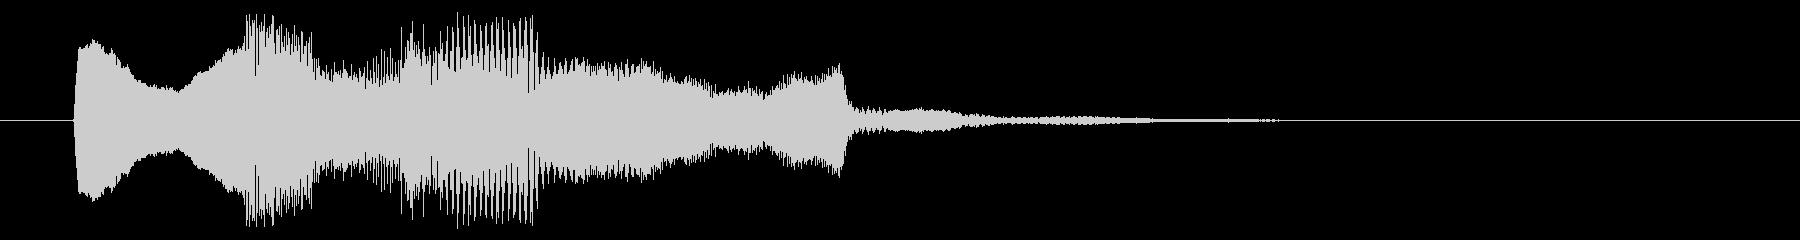 8ビット風システム音-03-1_dryの未再生の波形